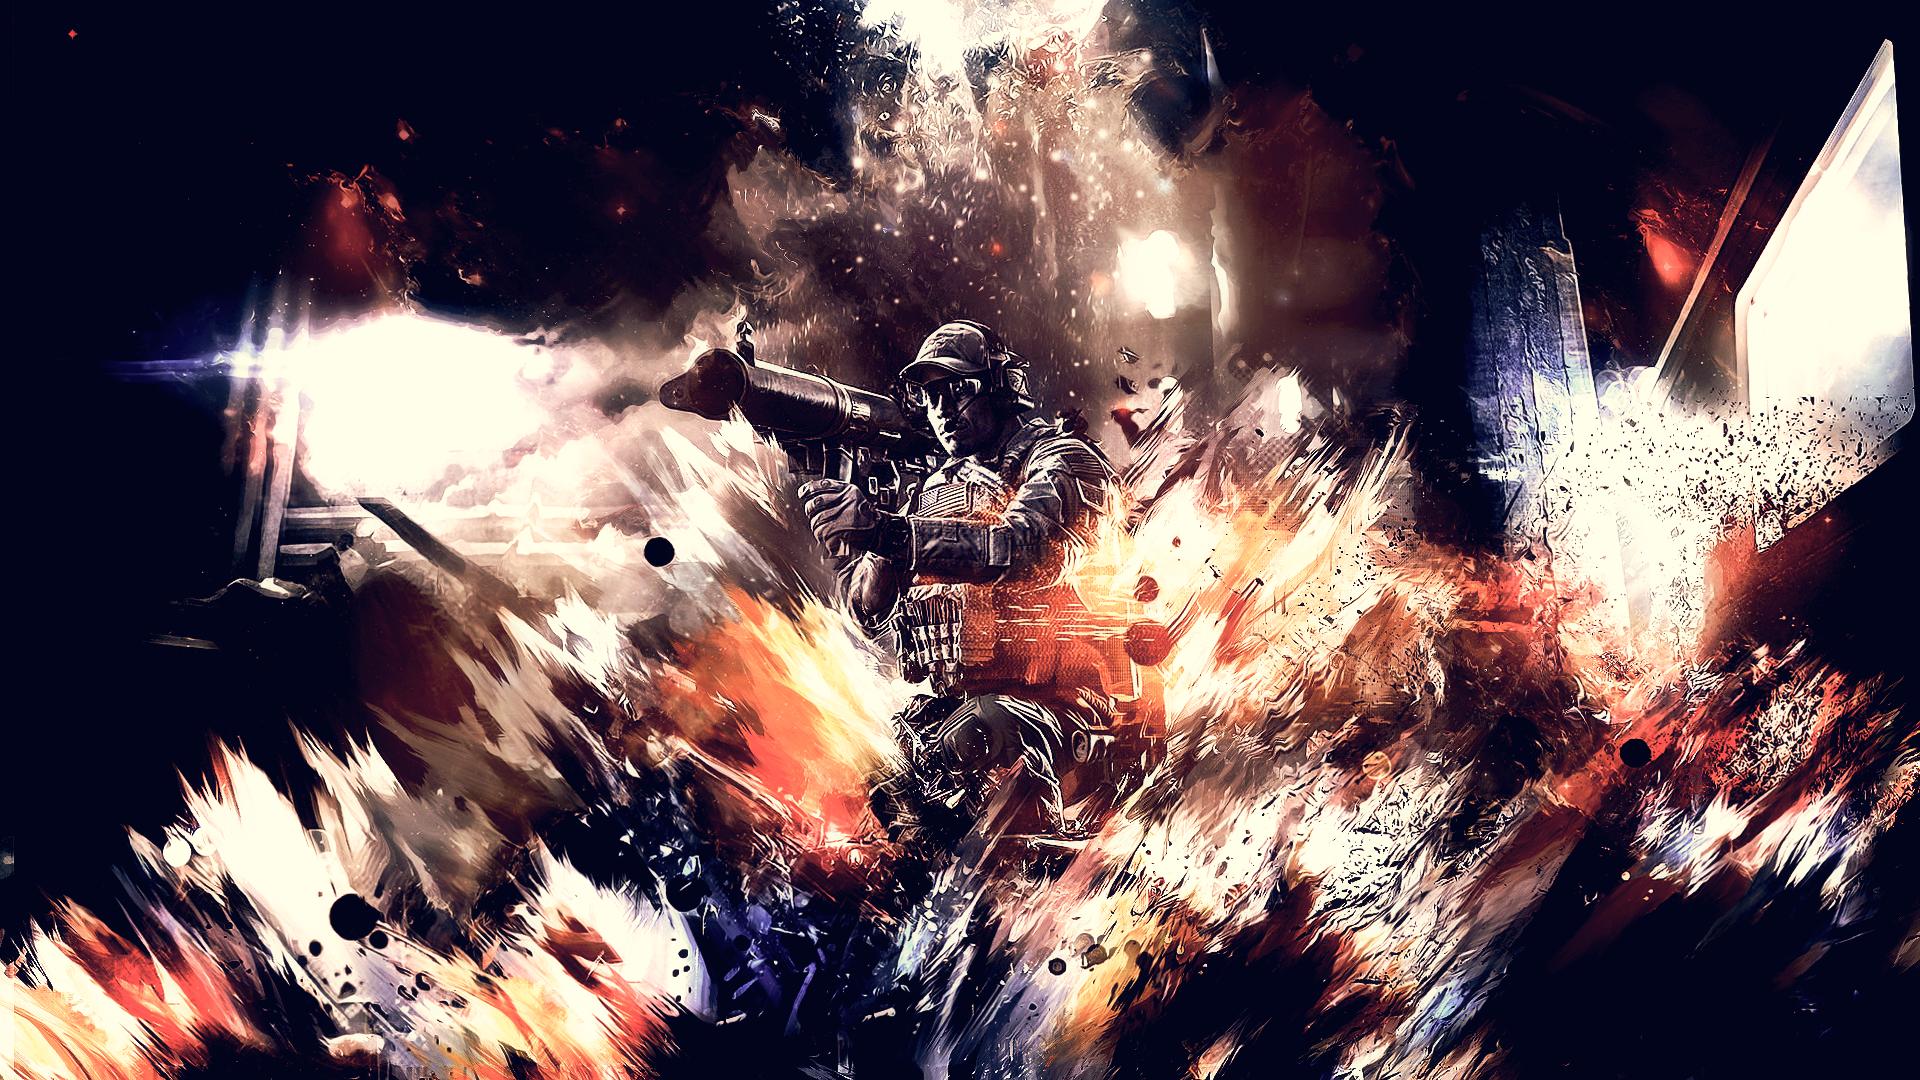 http://fc01.deviantart.net/fs70/f/2014/071/4/9/battlefield_4_smudge_wallpaper_by_rcdezine-d79witl.png